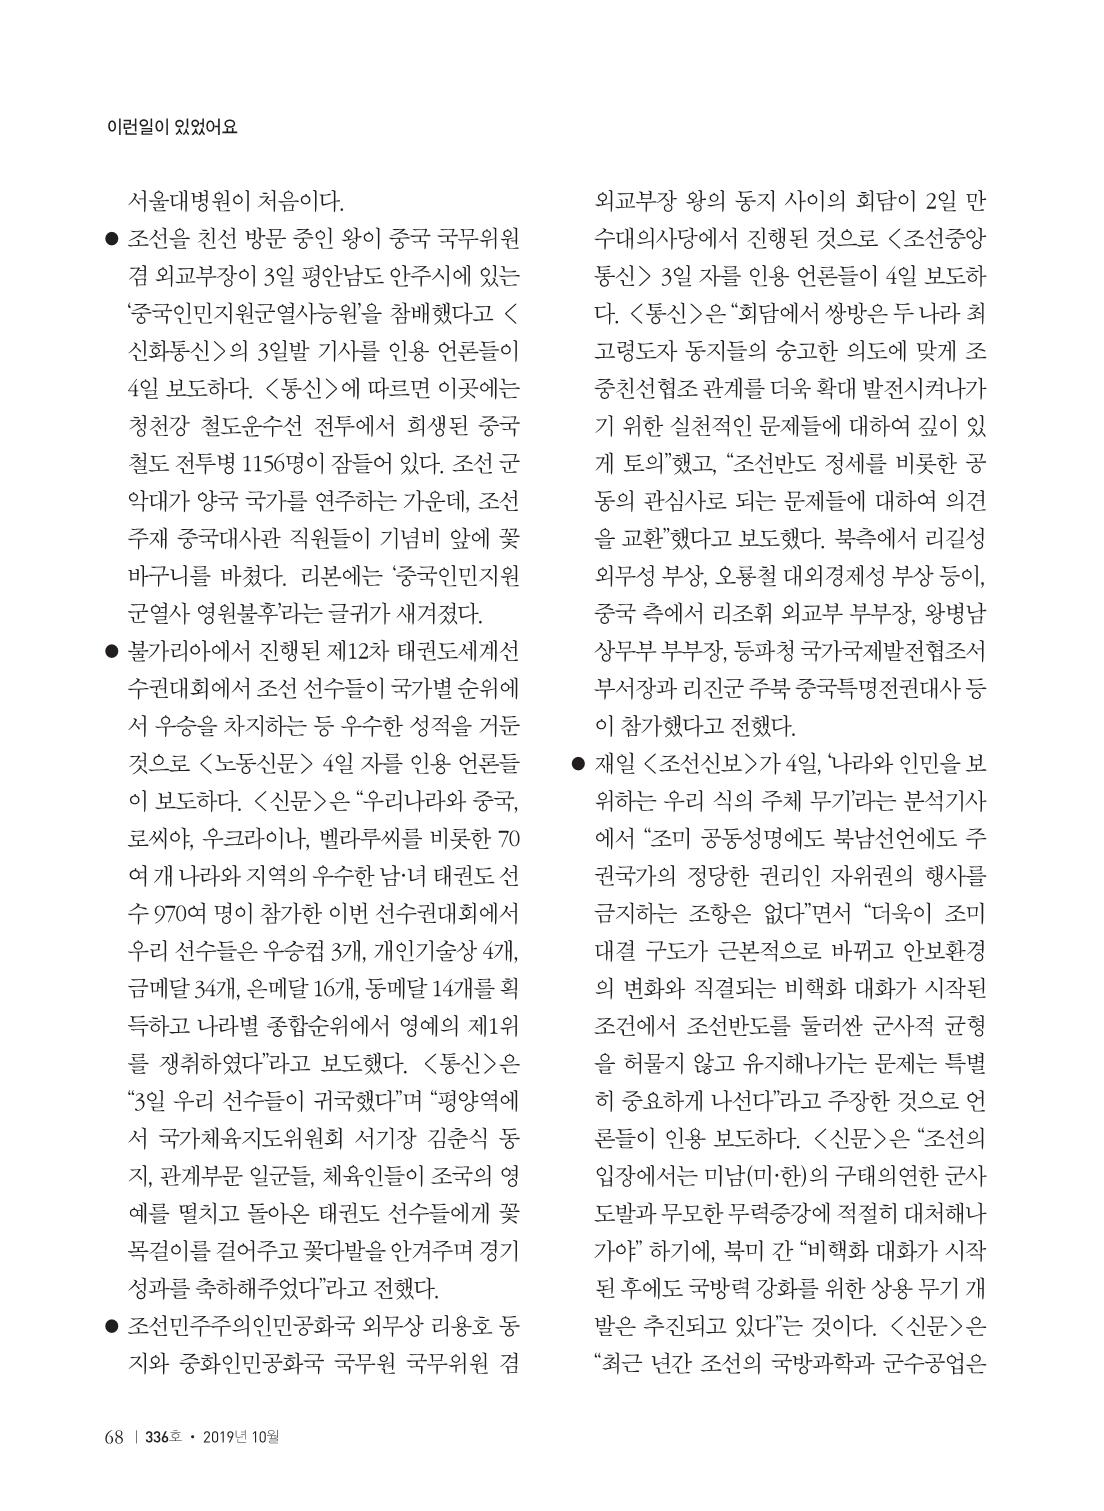 154780e2-c93e-4795-937d-bbcc14642e29.pdf-0070.jpg